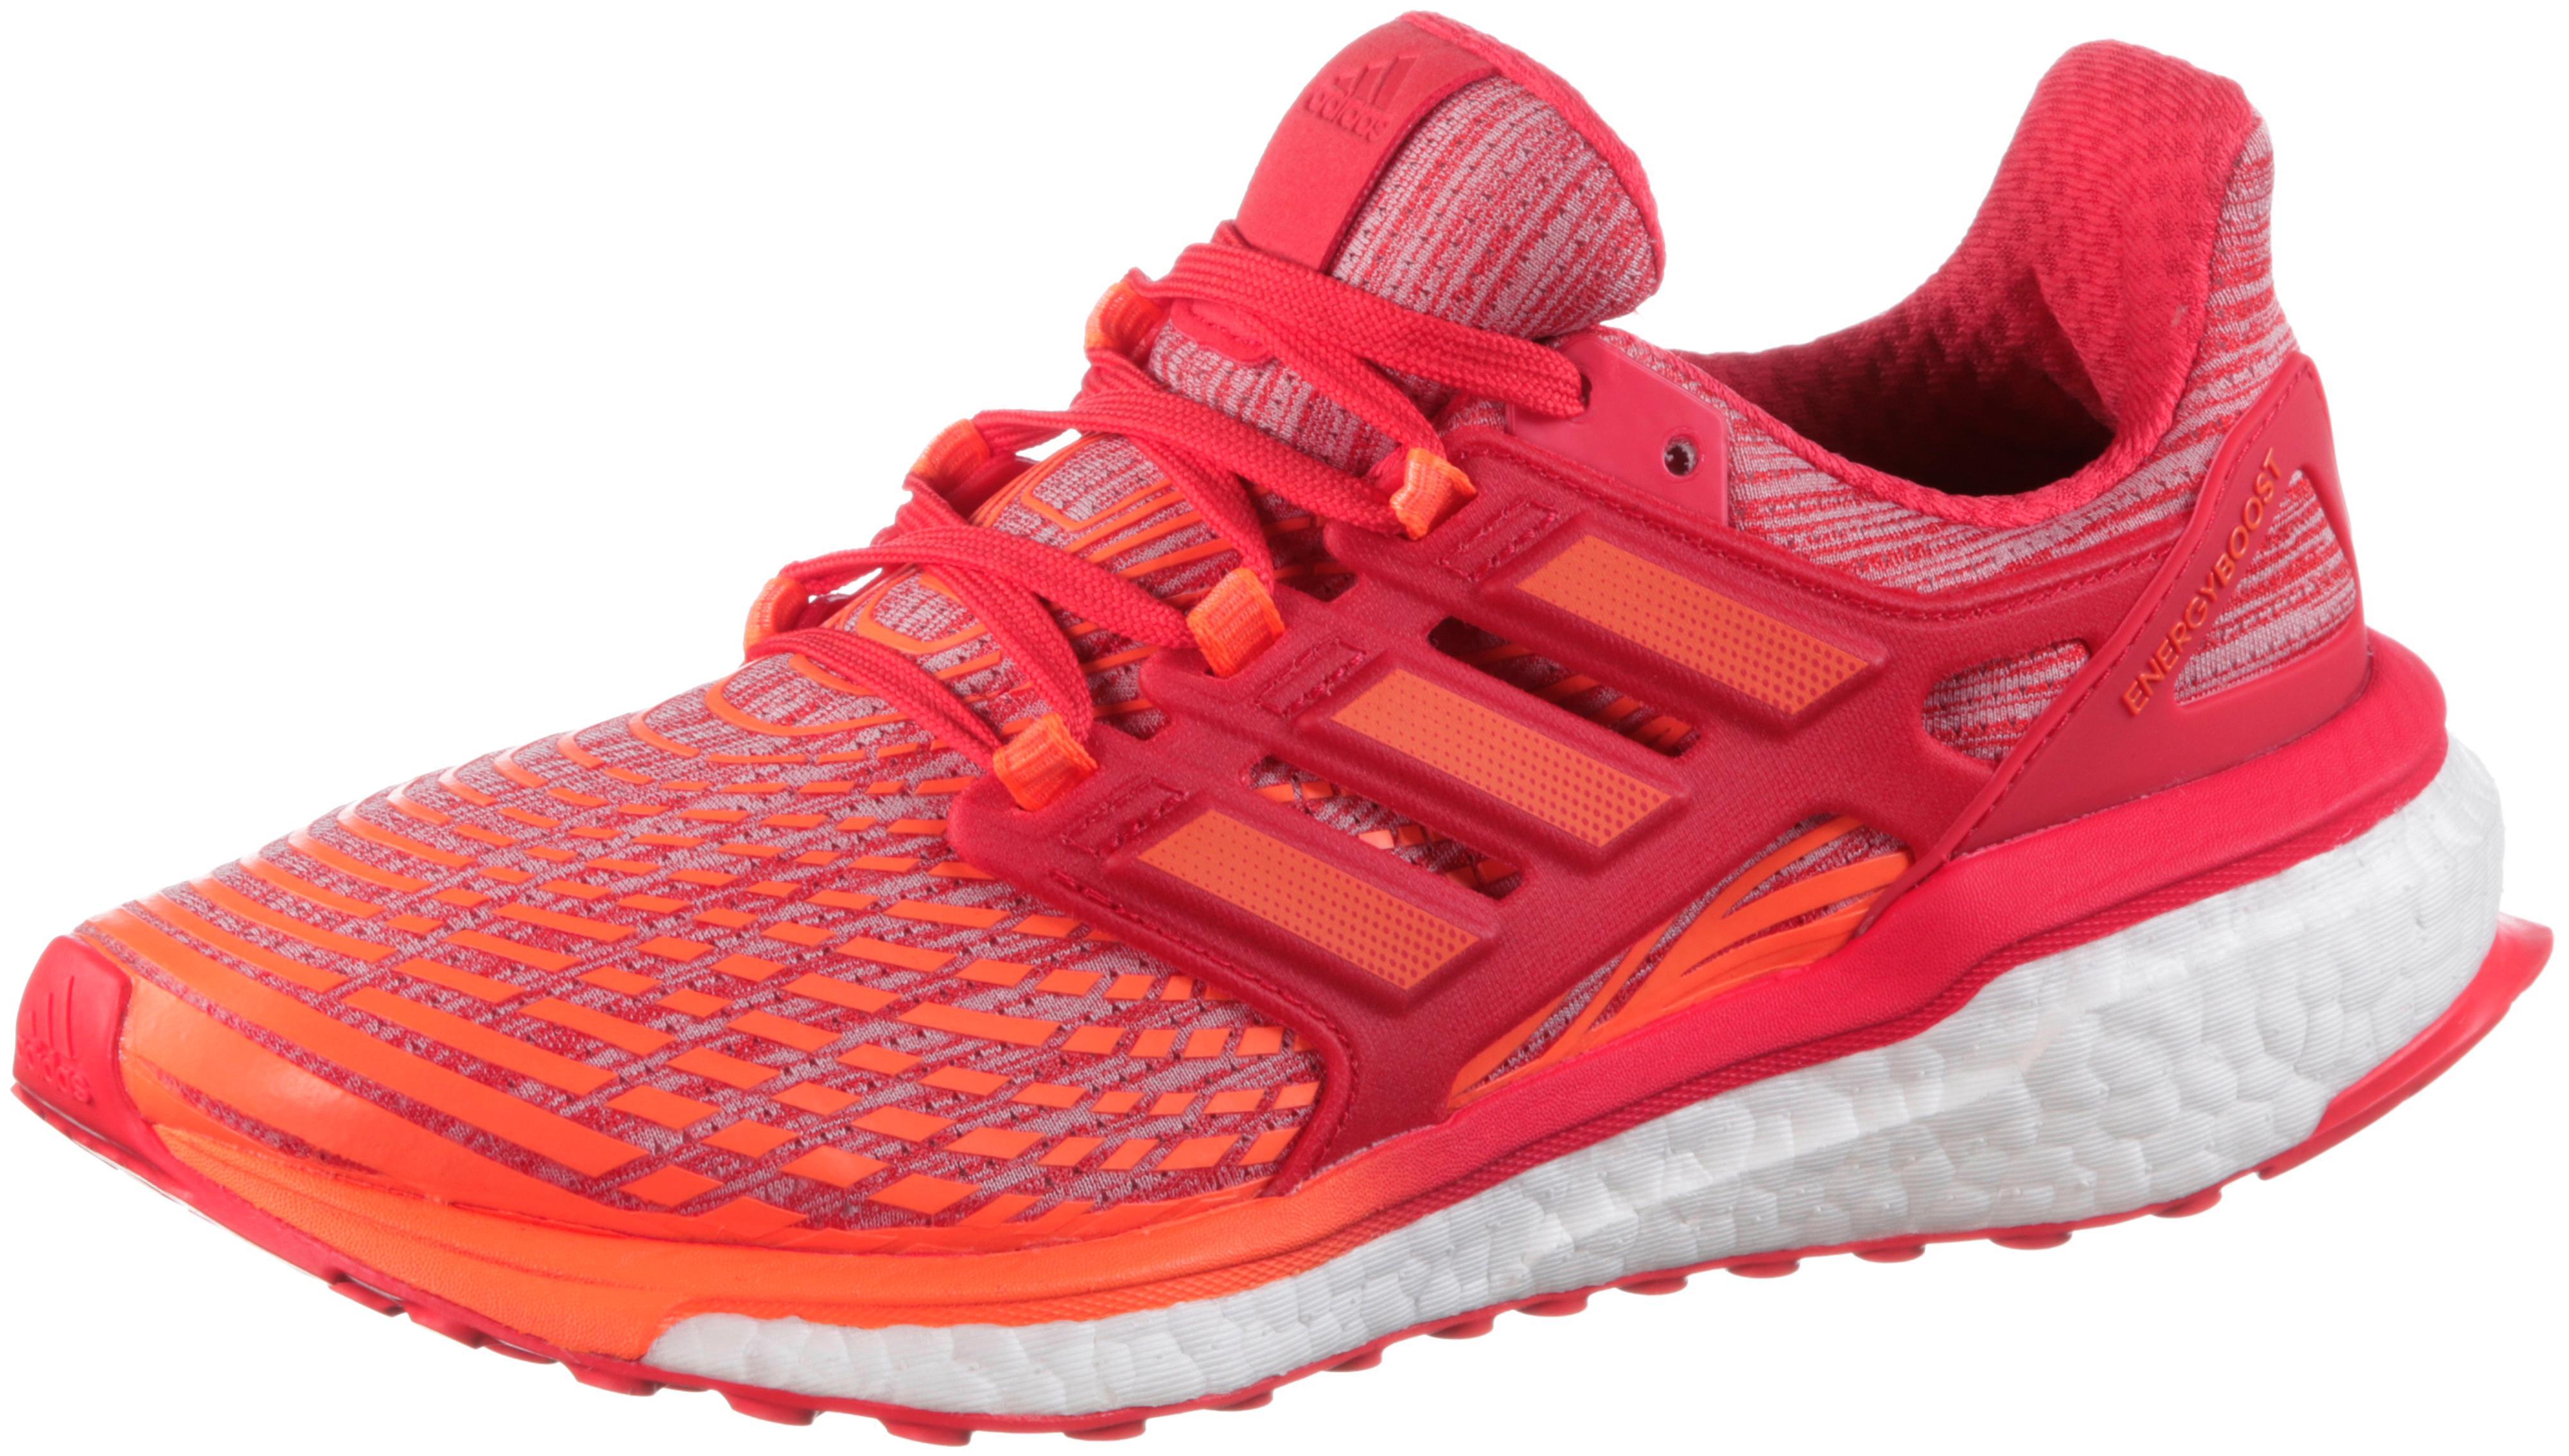 free shipping eaa2c fa291 Adidas Energy Boost Laufschuhe Damen hi-res-orange im Online Shop von  SportScheck kaufen